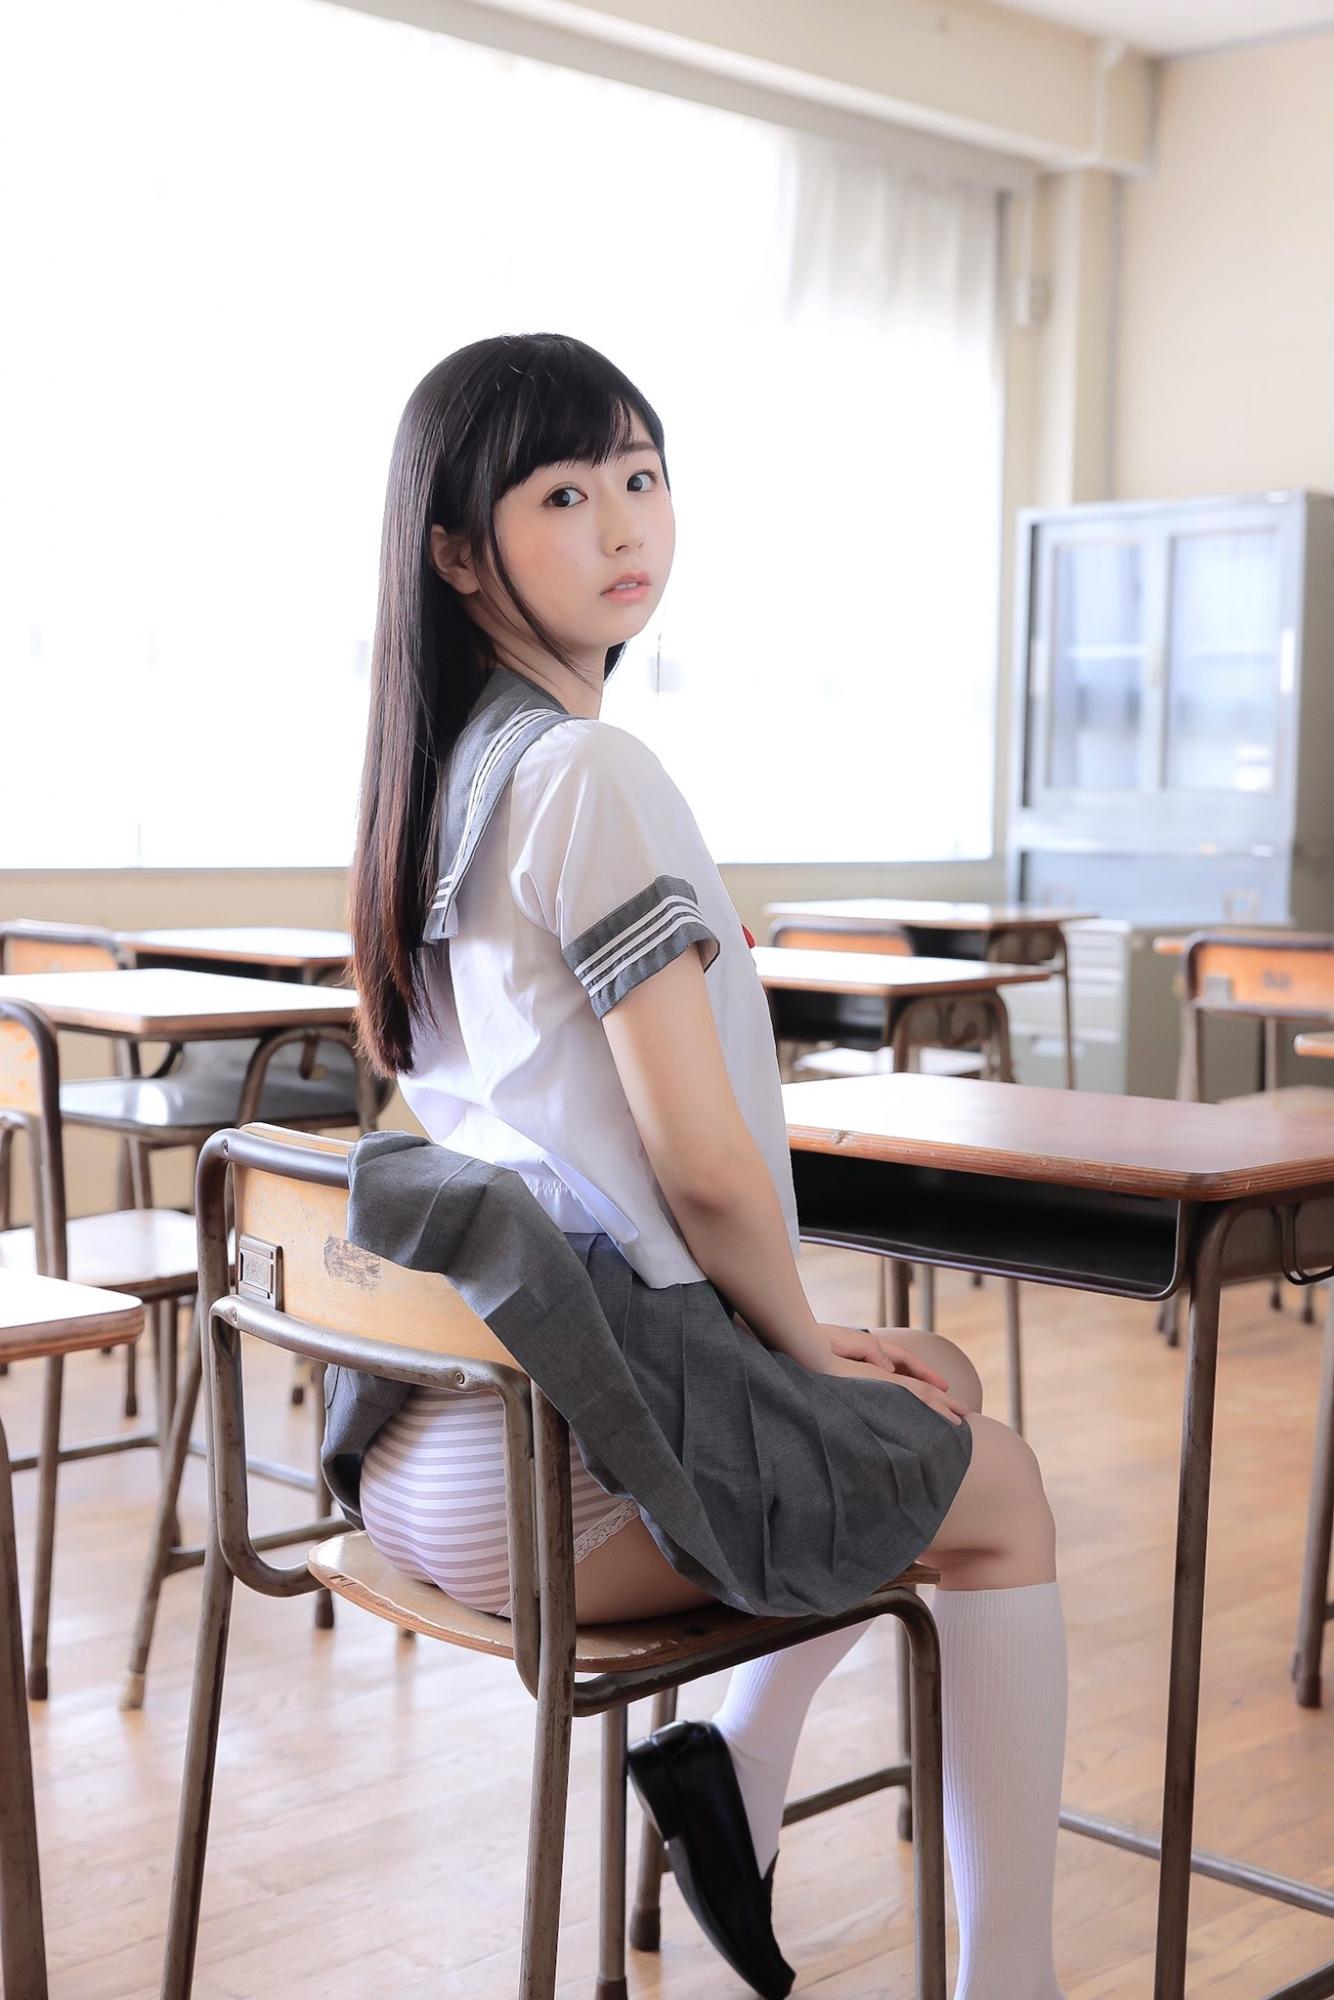 写真女星栗田惠美制服裙子卡住内内露出 养眼图片 第4张